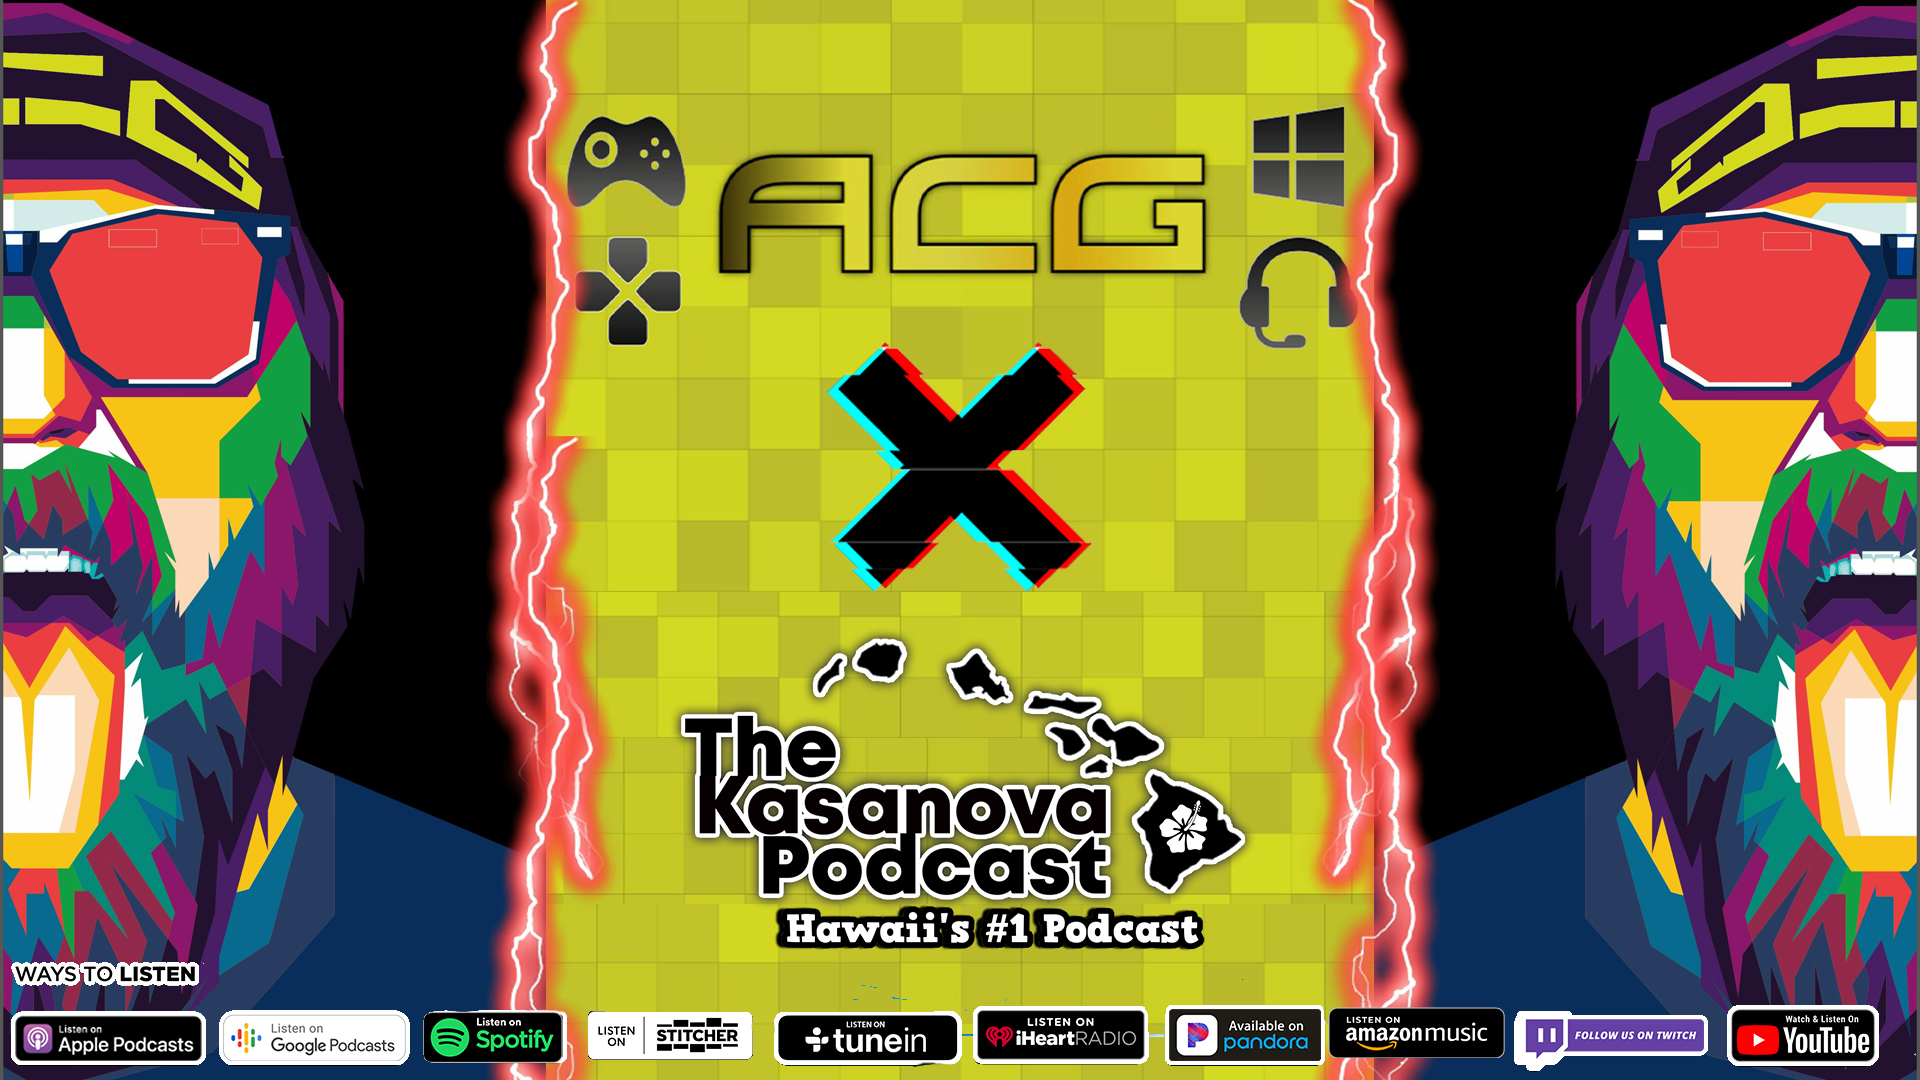 The Kasanova Podcast